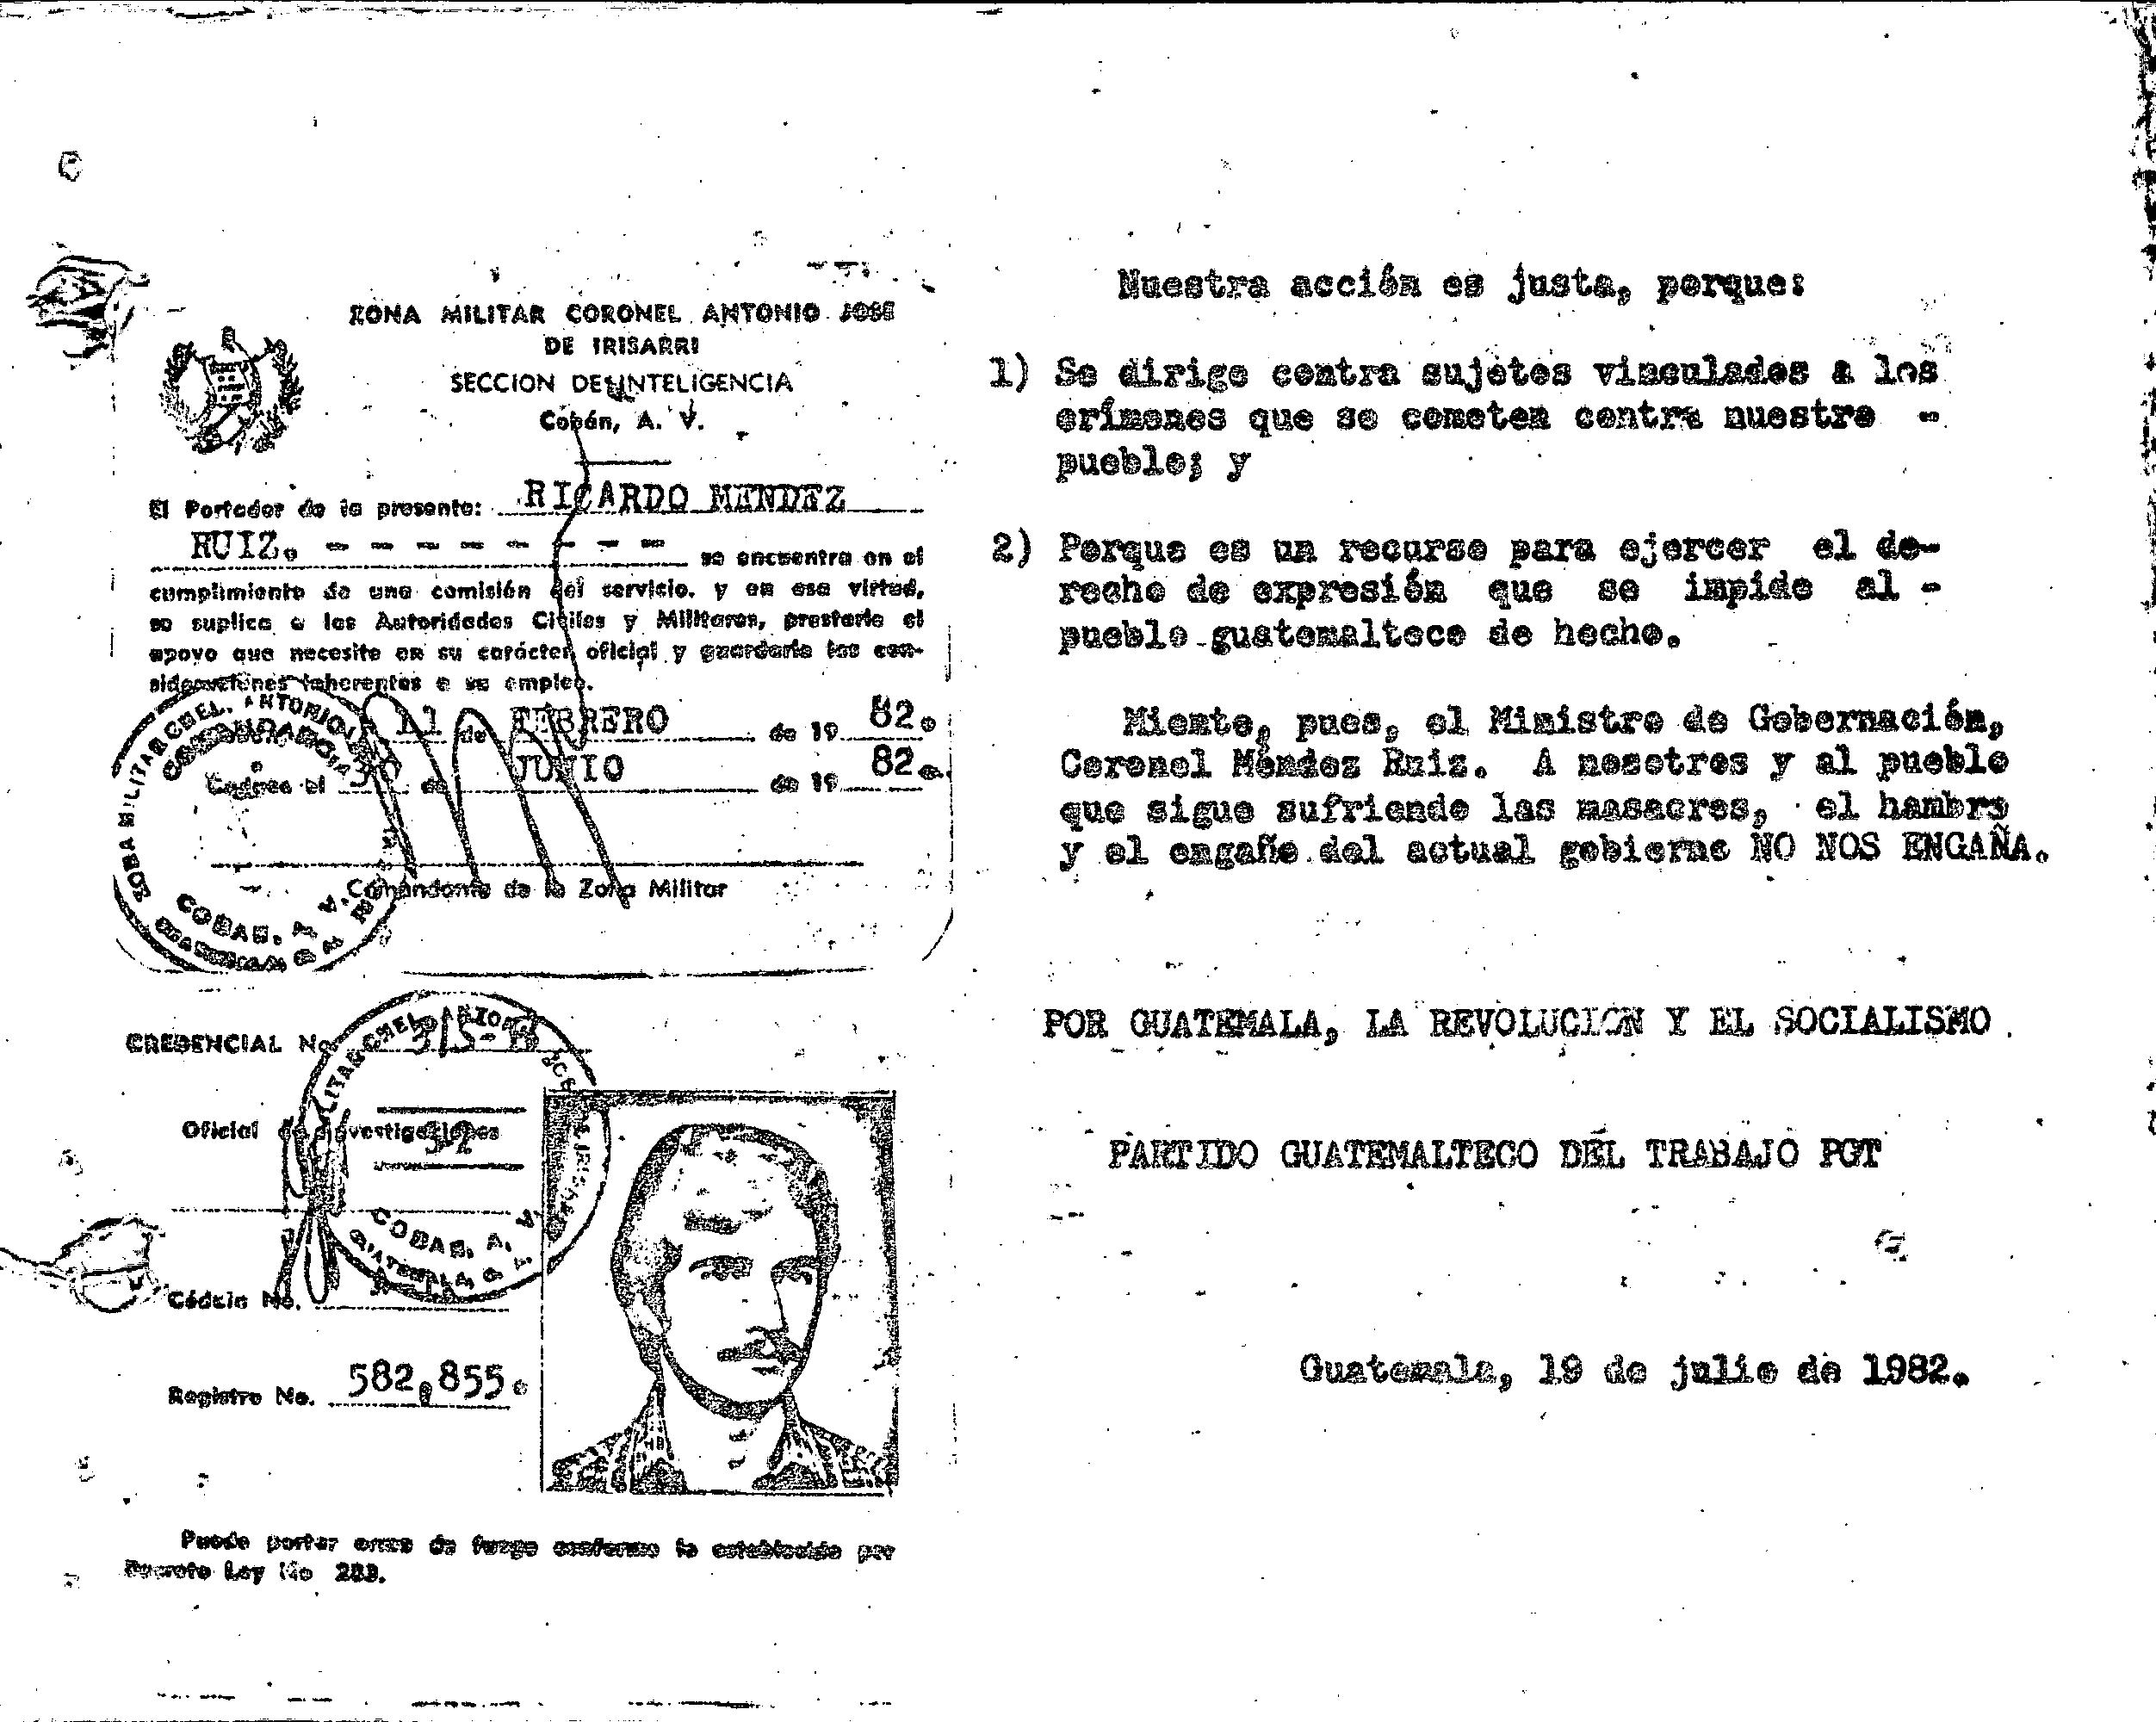 Segunda parte del panfleto distribuido por el PGT donde aparece fotocopiado el Carné de Méndez-Ruiz Valdes. Fuente: Archivo Histórico de la Policía Nacional (AHPN).